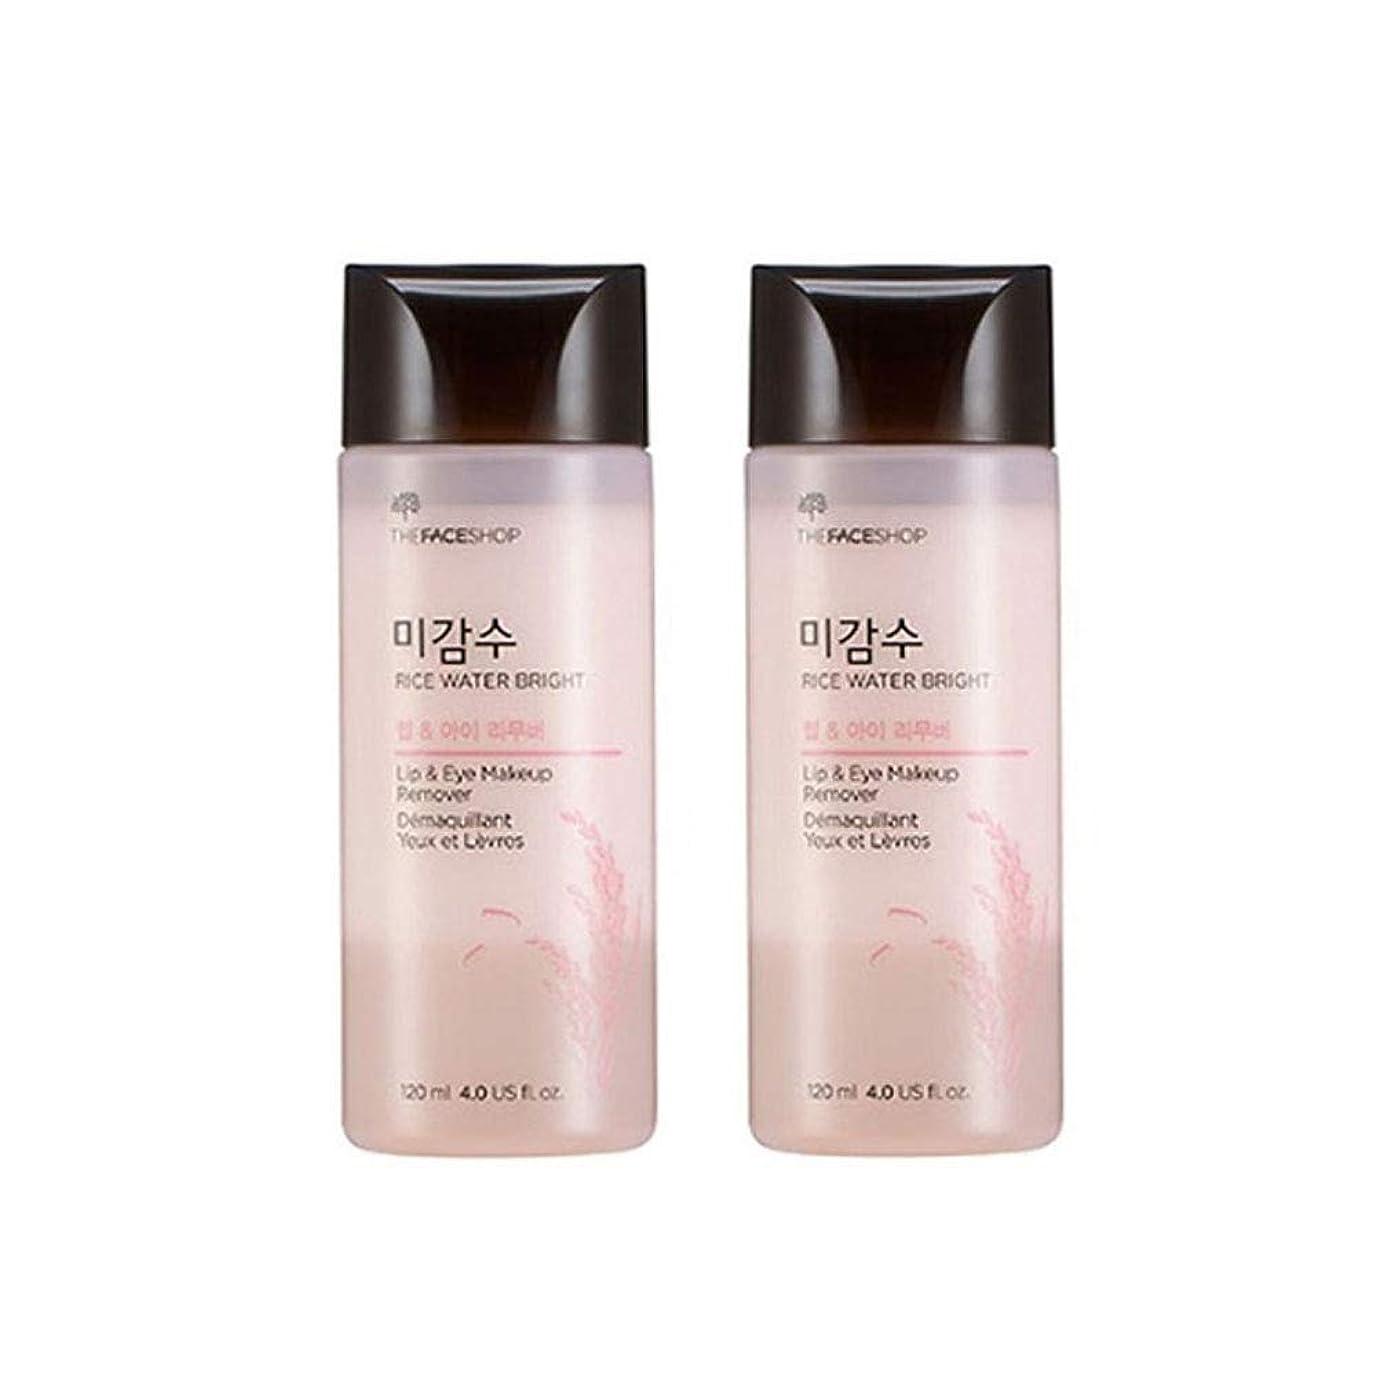 誤解する農業のアルプスザ?フェイスショップ米感水ブライトリップ&アイリムーバー120ml x 2本セット韓国コスメ、The Face Shop Rice Water Bright Lip&Eye Remover 120ml x 2ea Set Korean Cosmetics [並行輸入品]